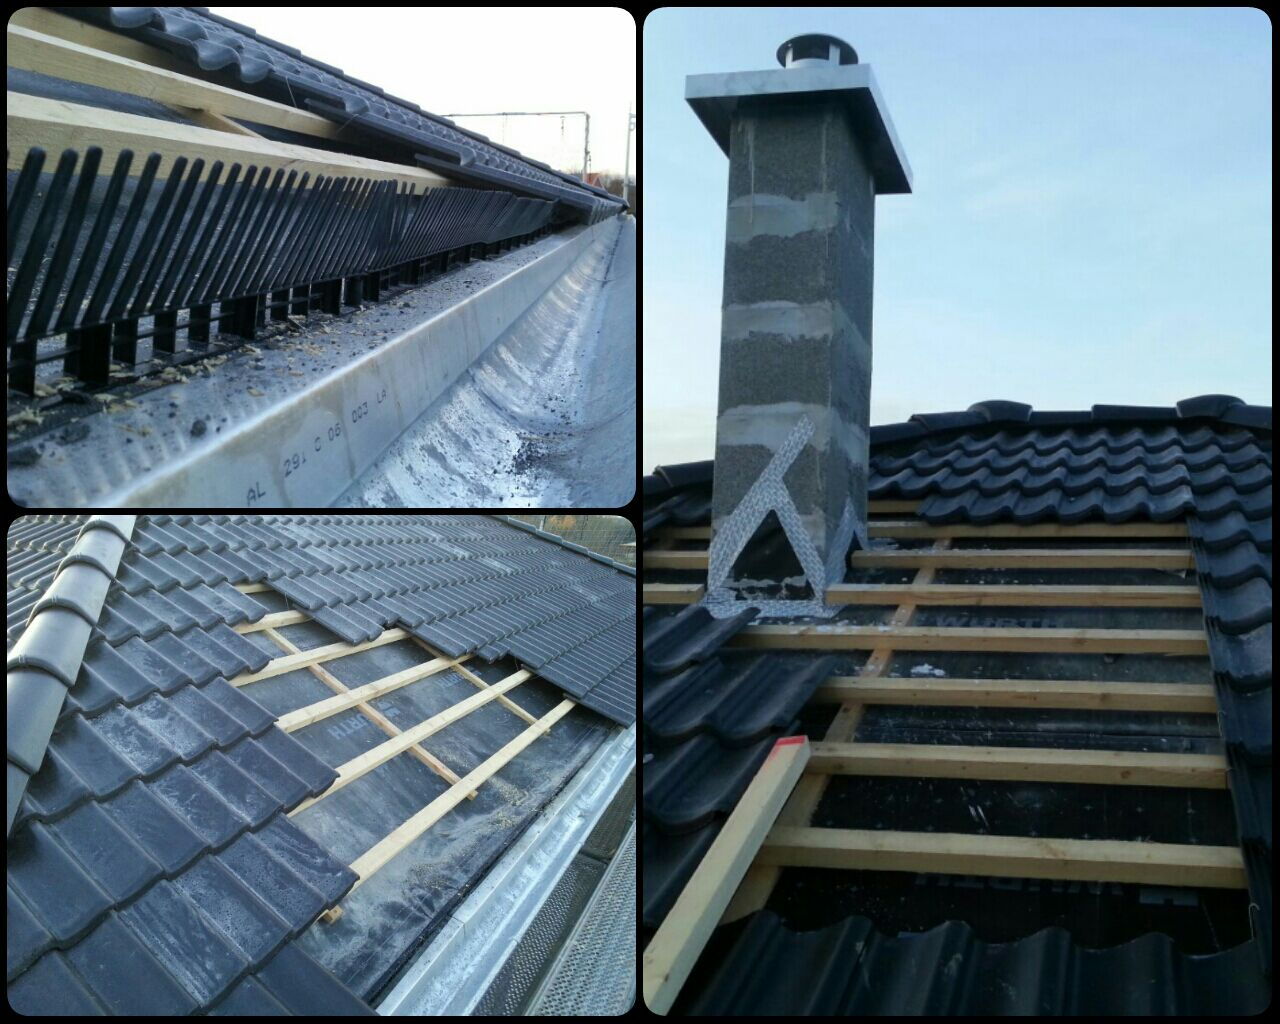 Benny und janina bauen eine stadtvilla das dach deckt sich - Einbau fenster klinkerfassade ...